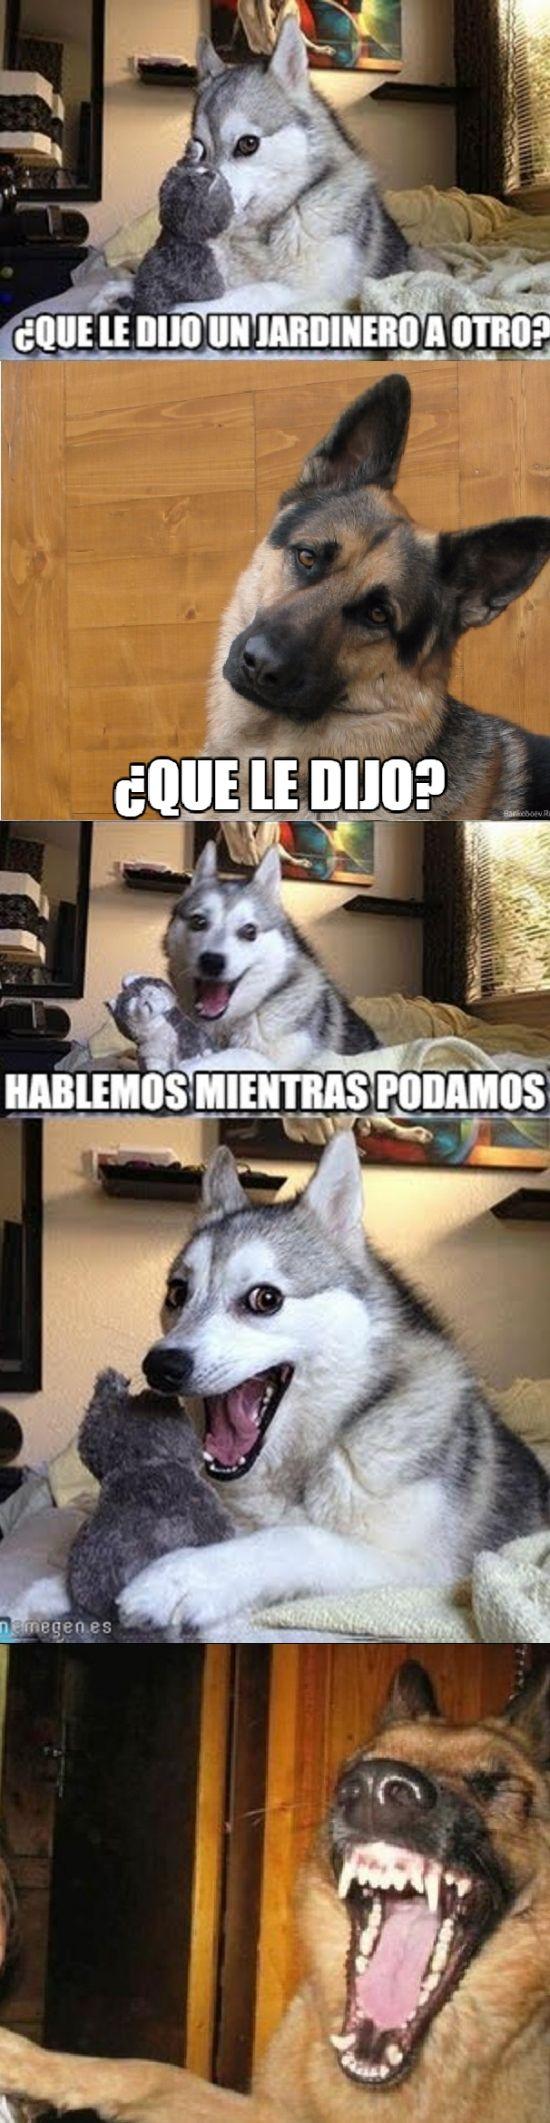 2484581 La Combinacion De Perros Mas Graciosa Que Existe Chistes De Perros Memes Divertidos Chistes Malos